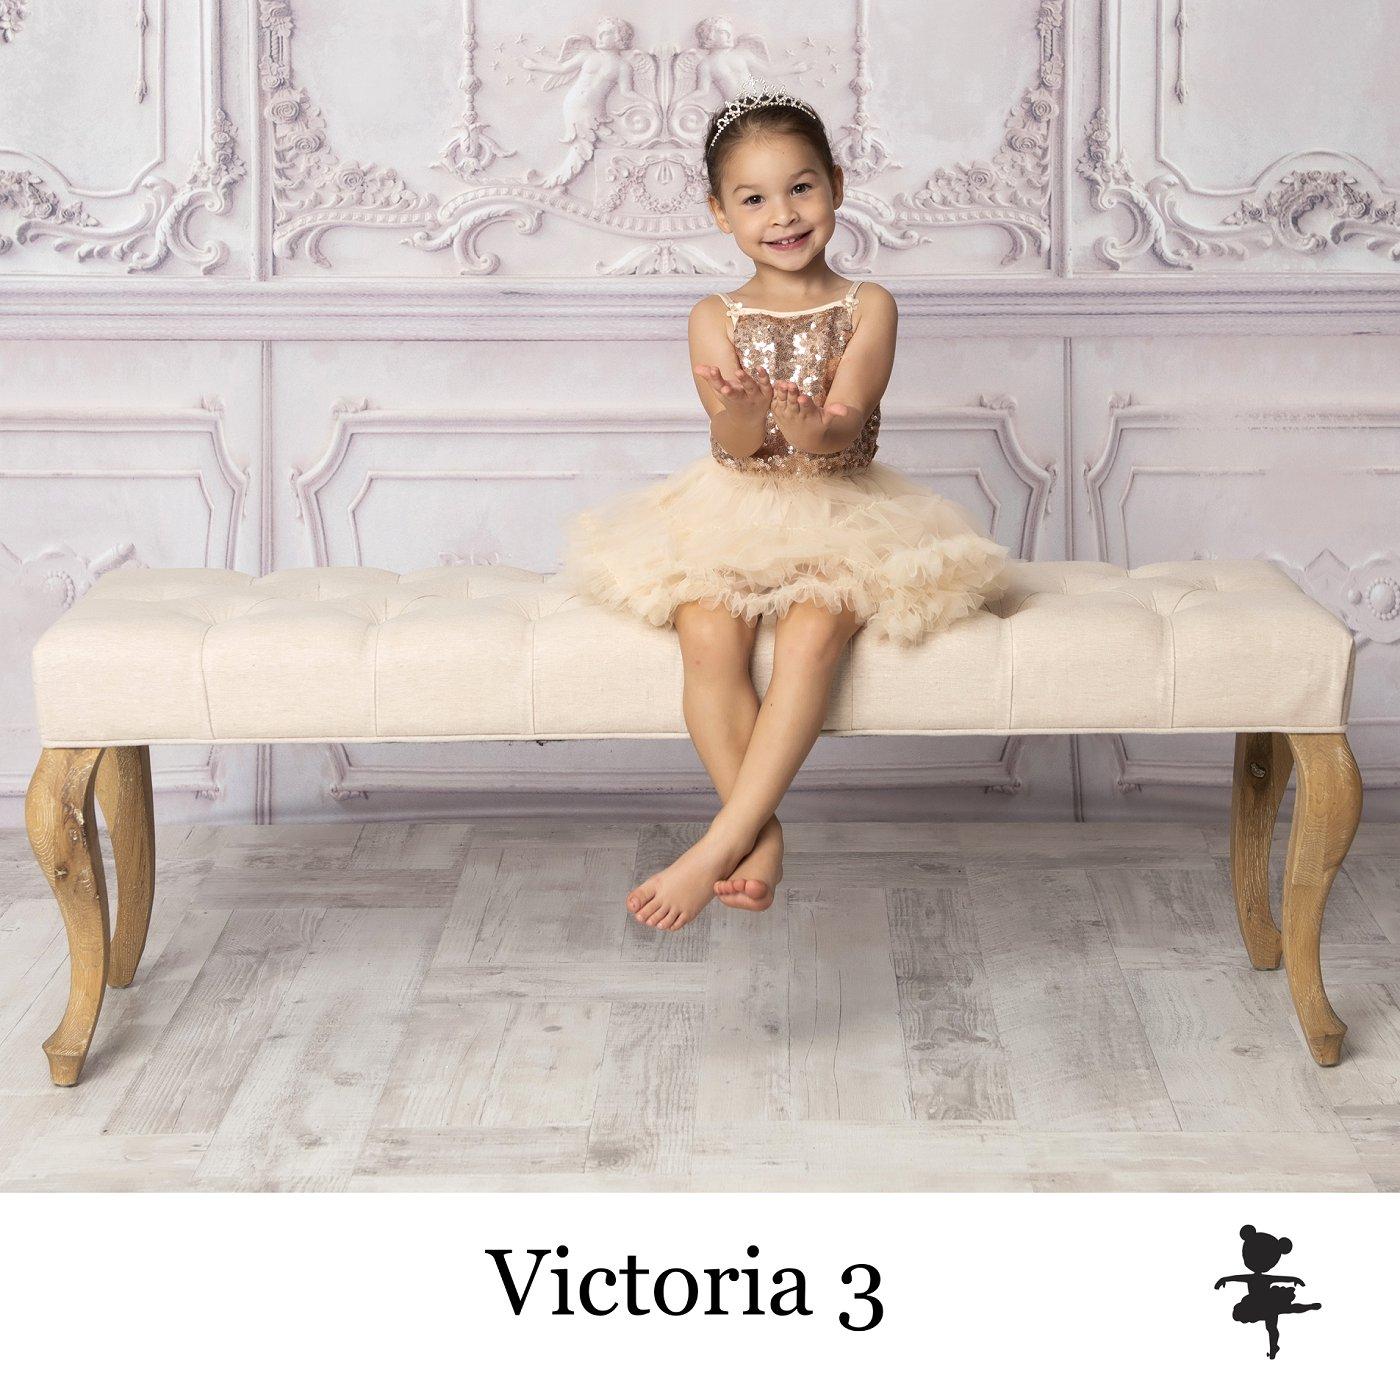 LB3519-Victoria 3.jpg